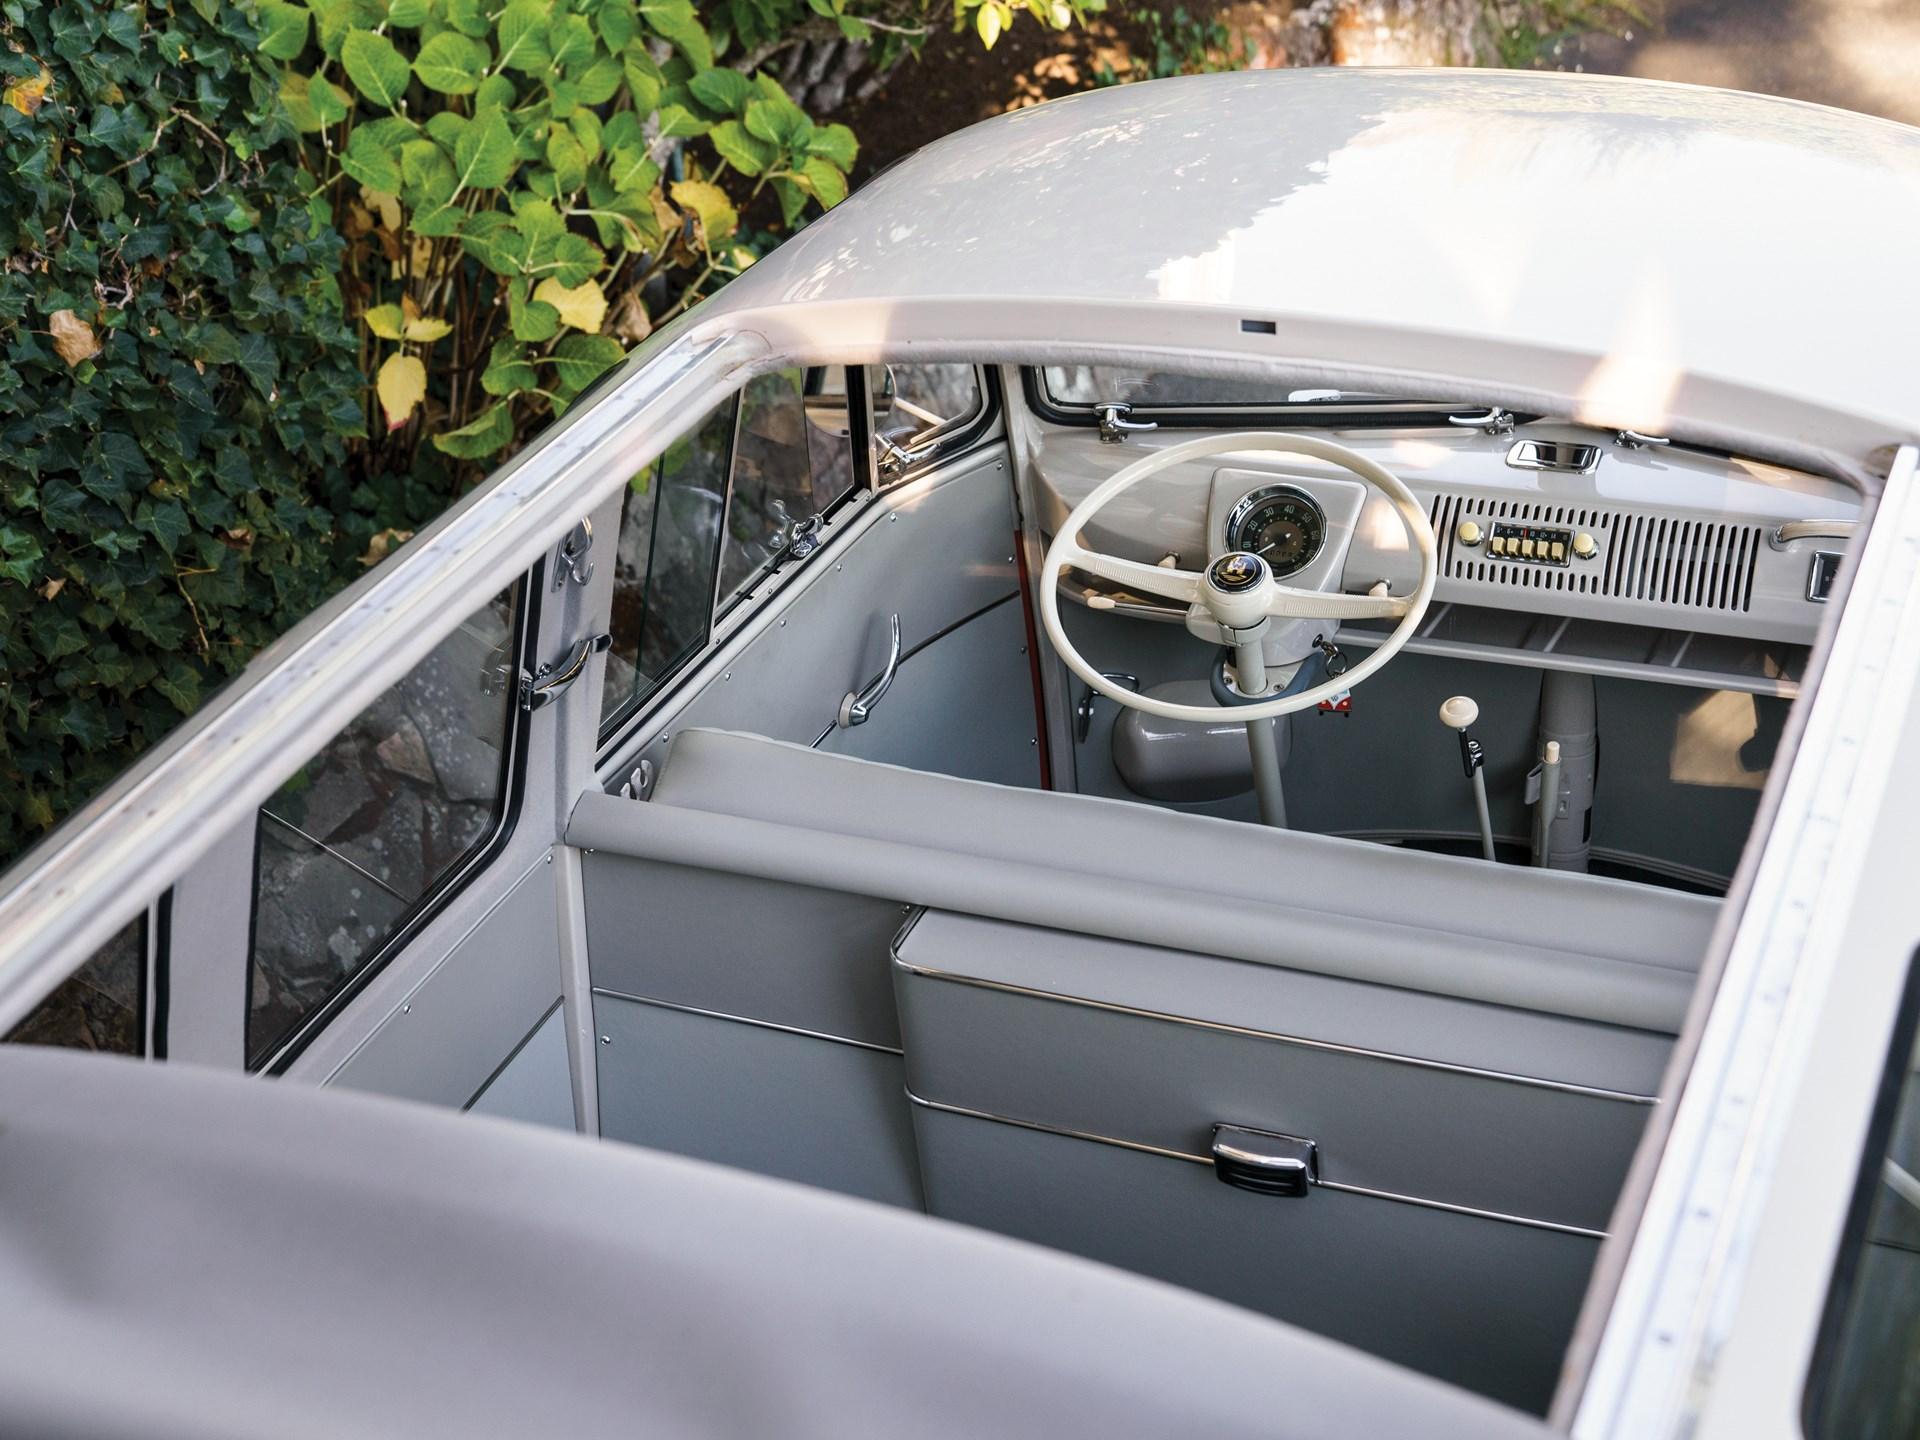 1960 Volkswagen Deluxe '23-Window' Microbus